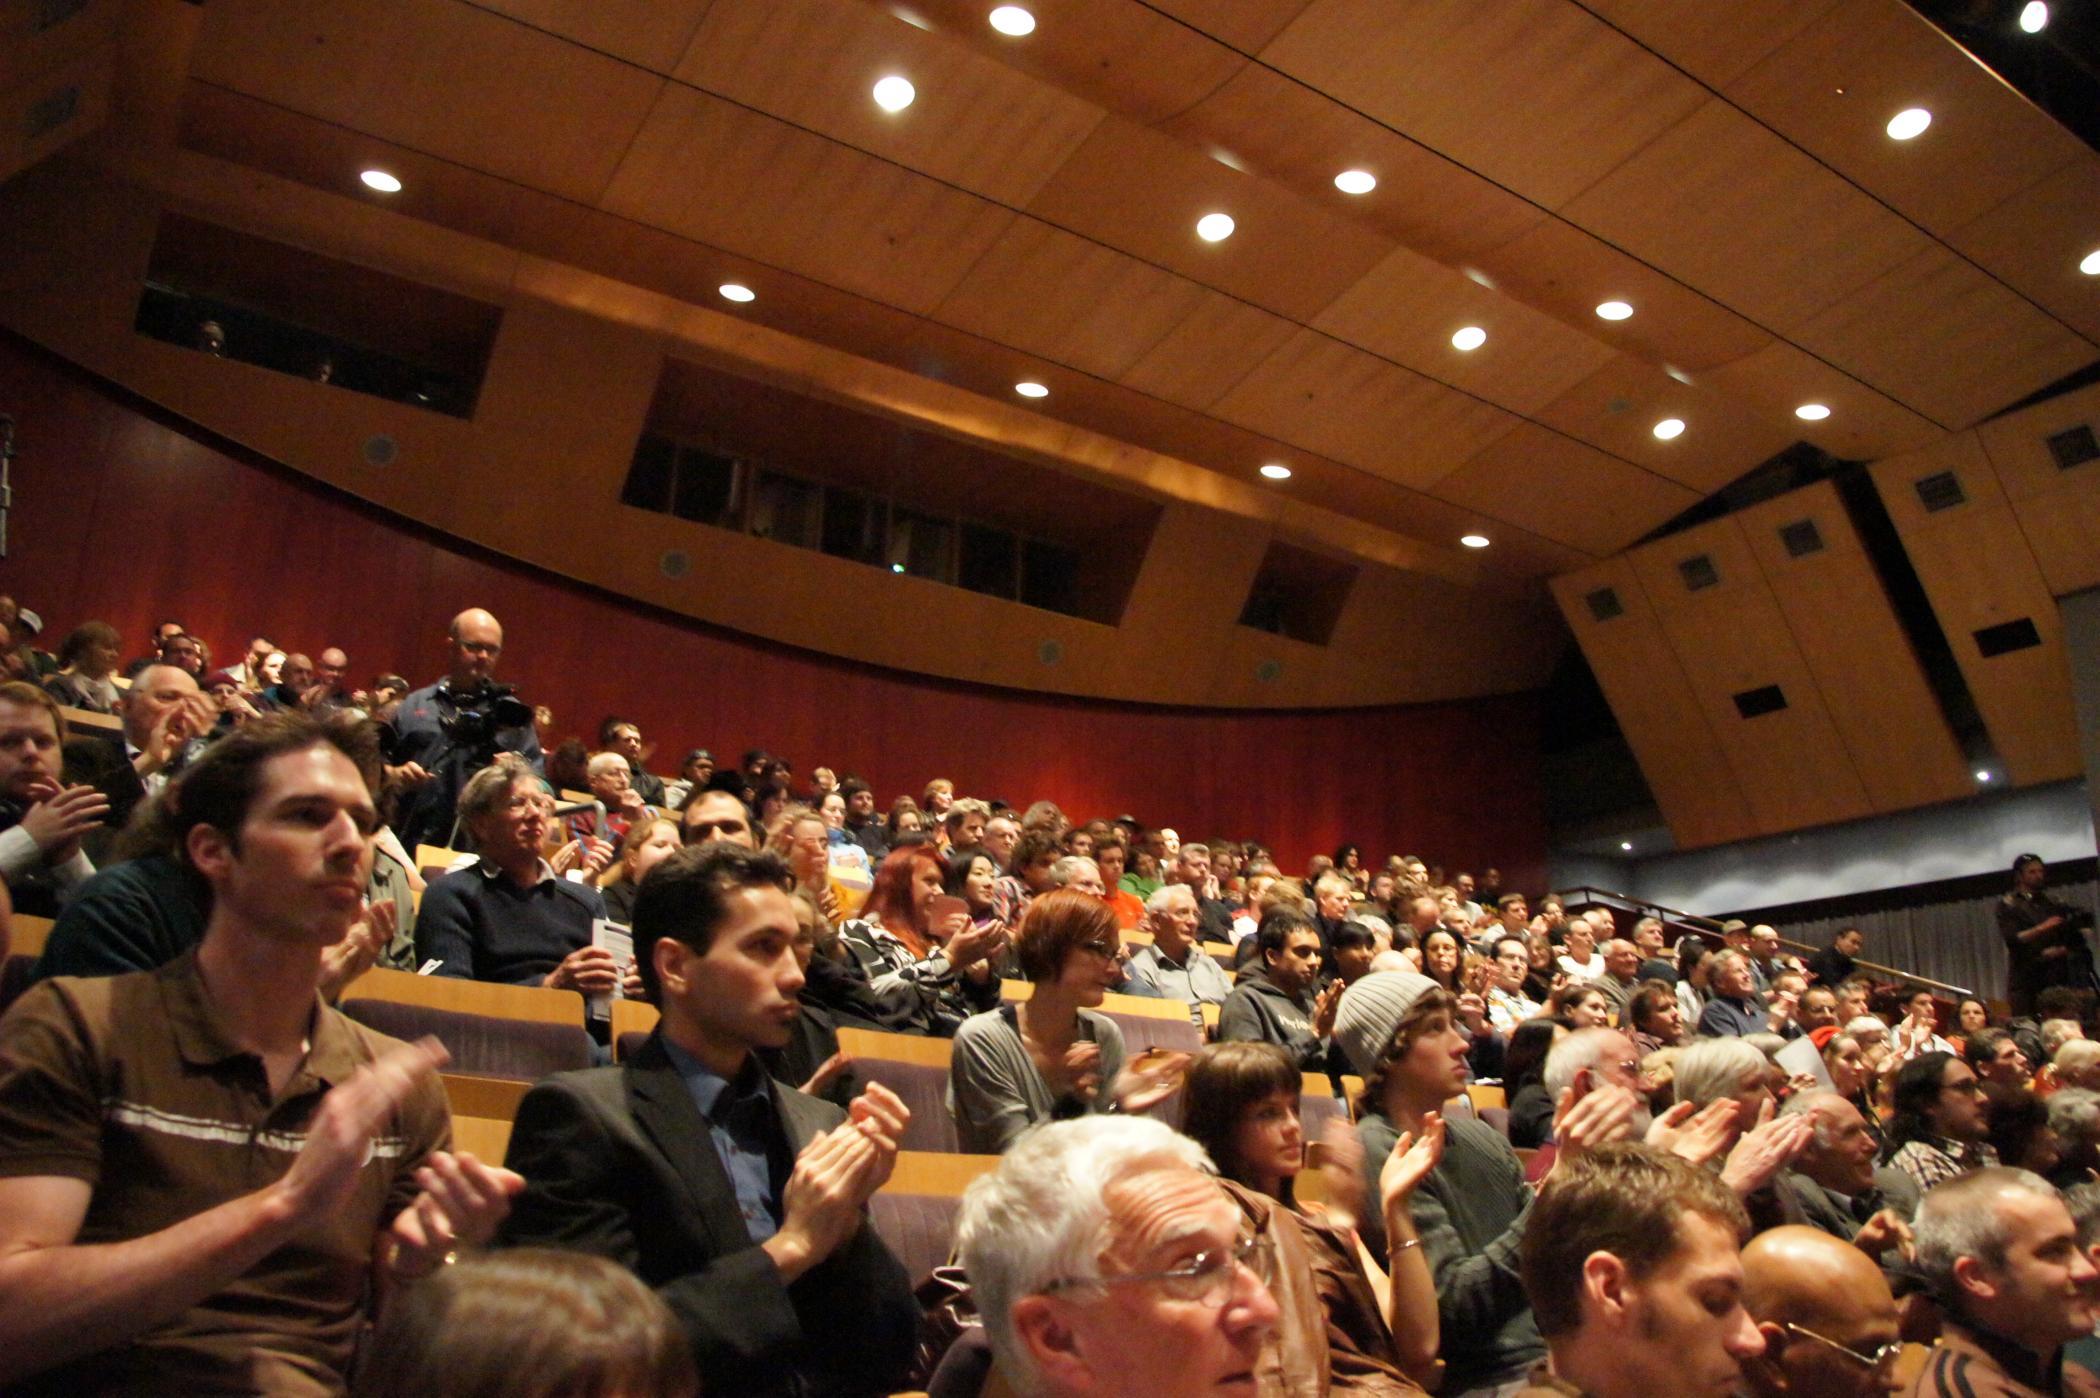 Wellington Audience